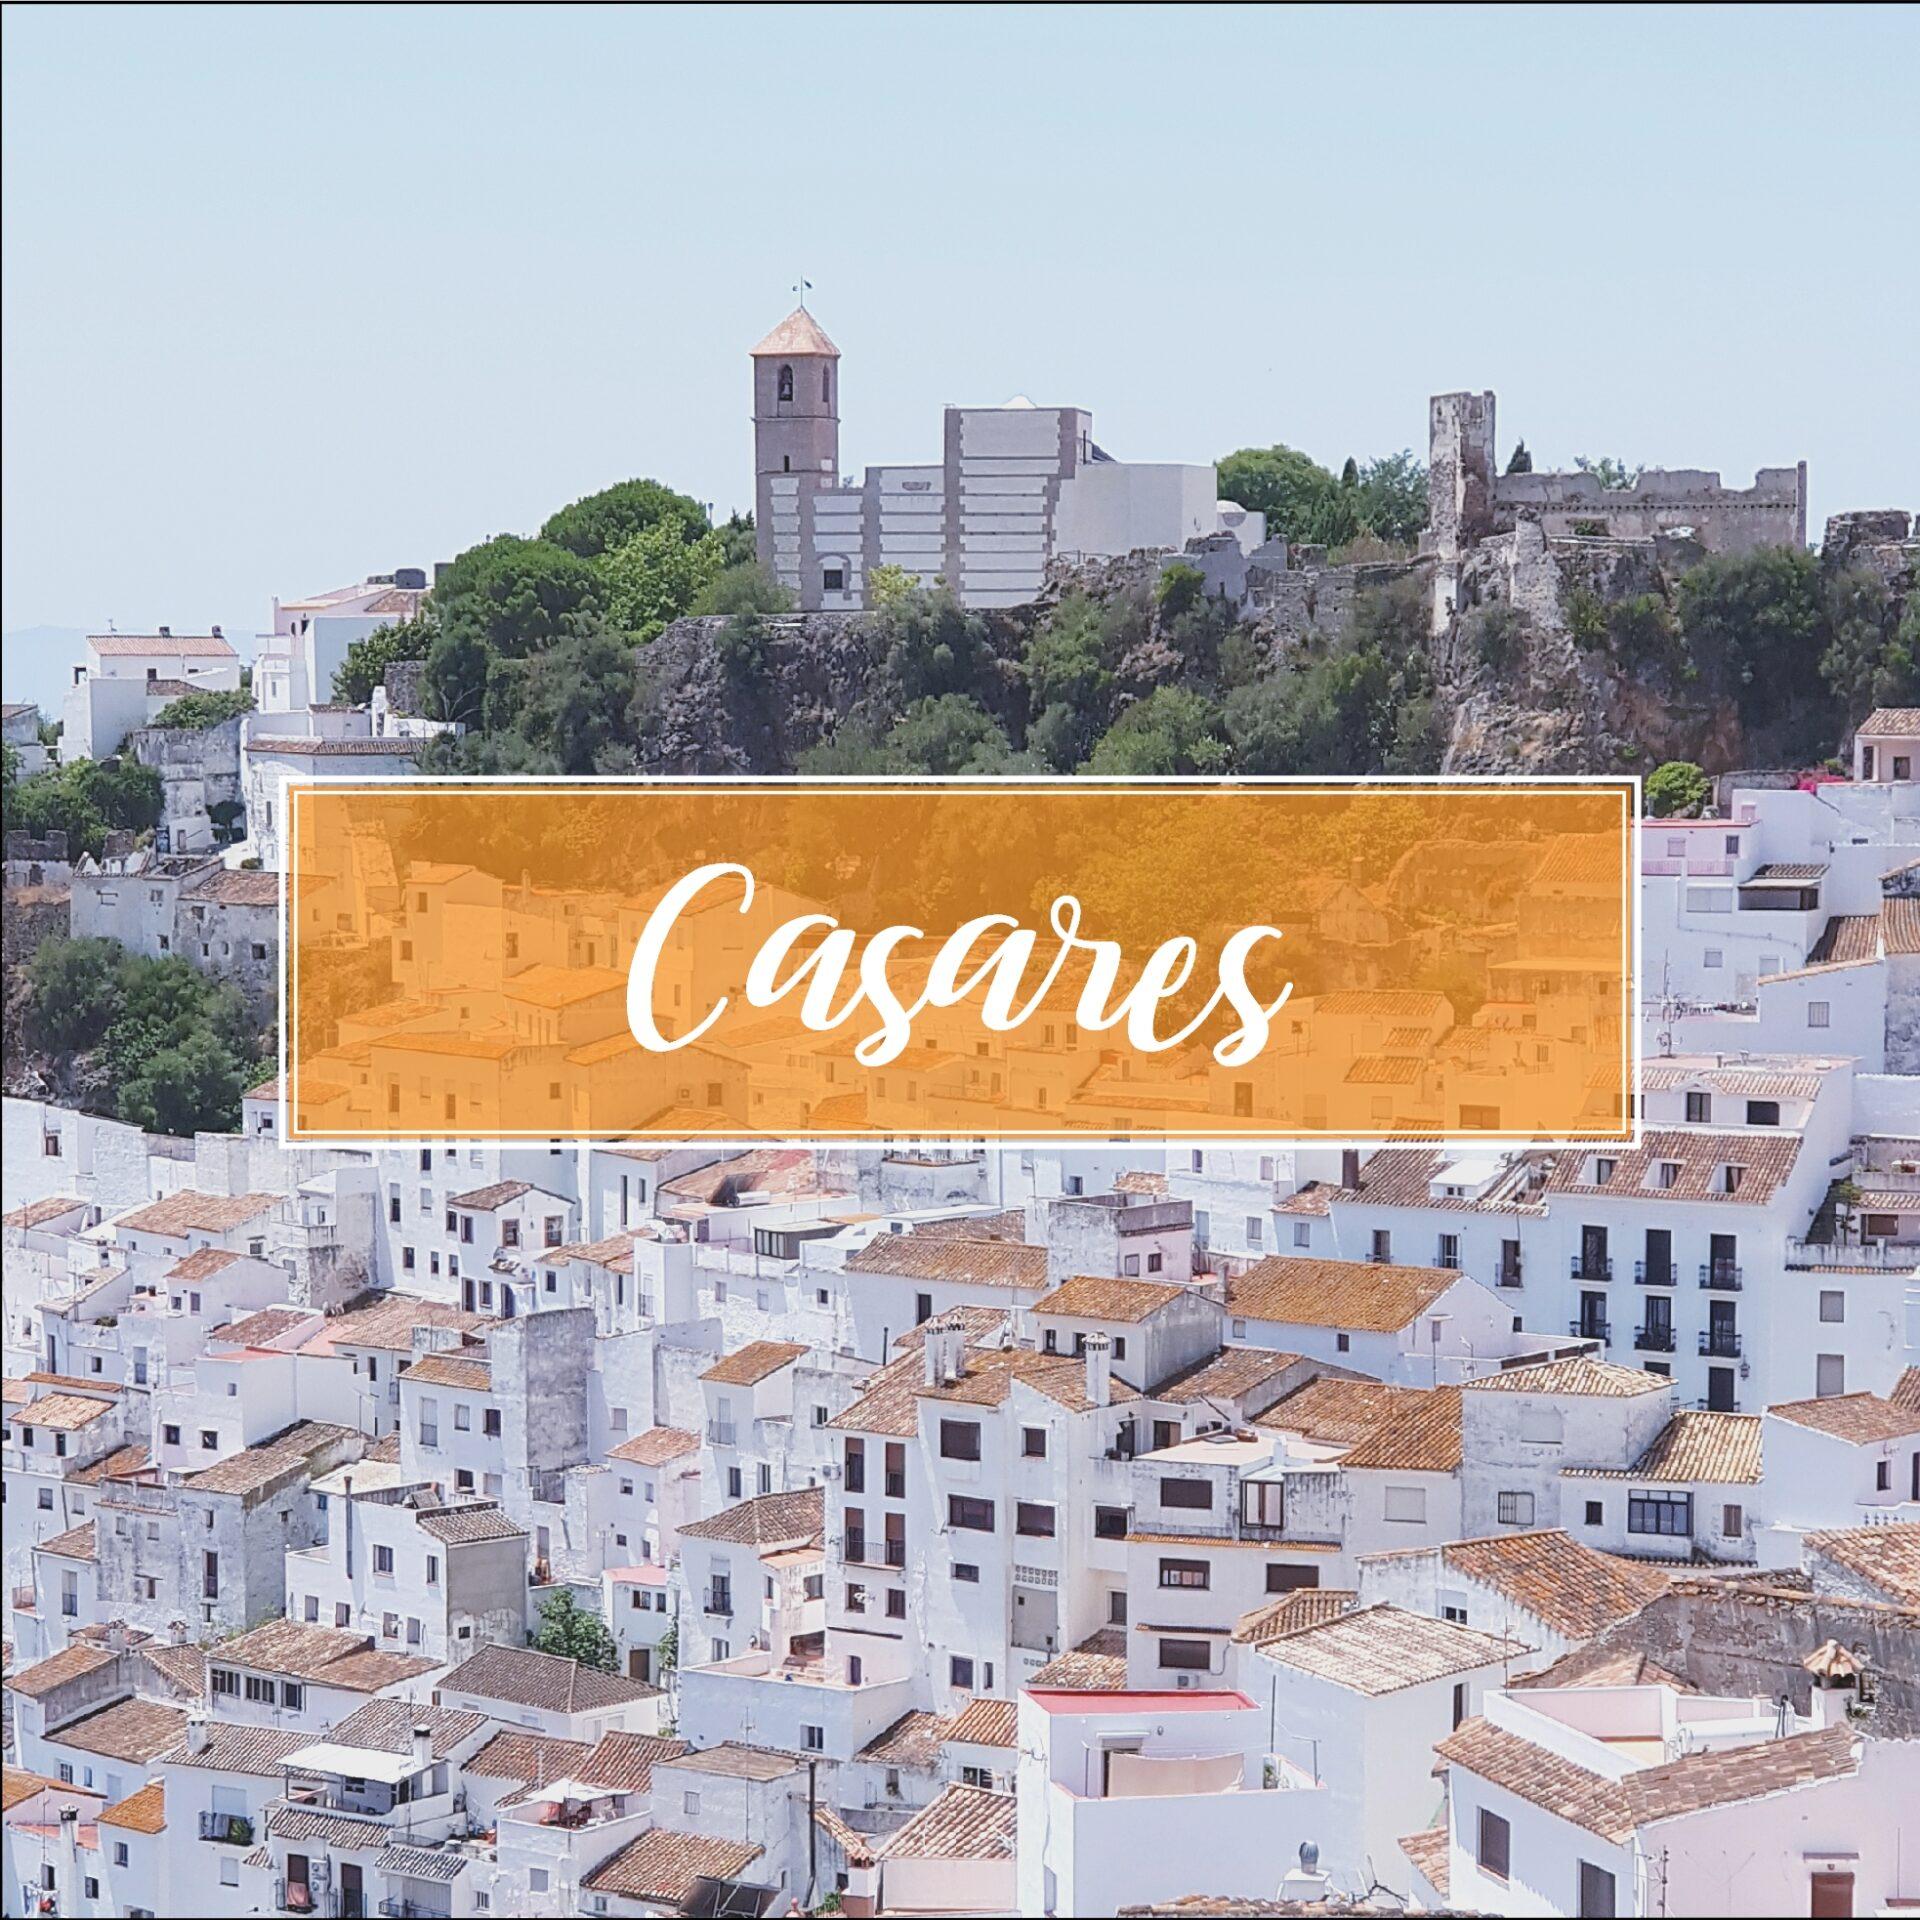 Casares Pueblo Malaga